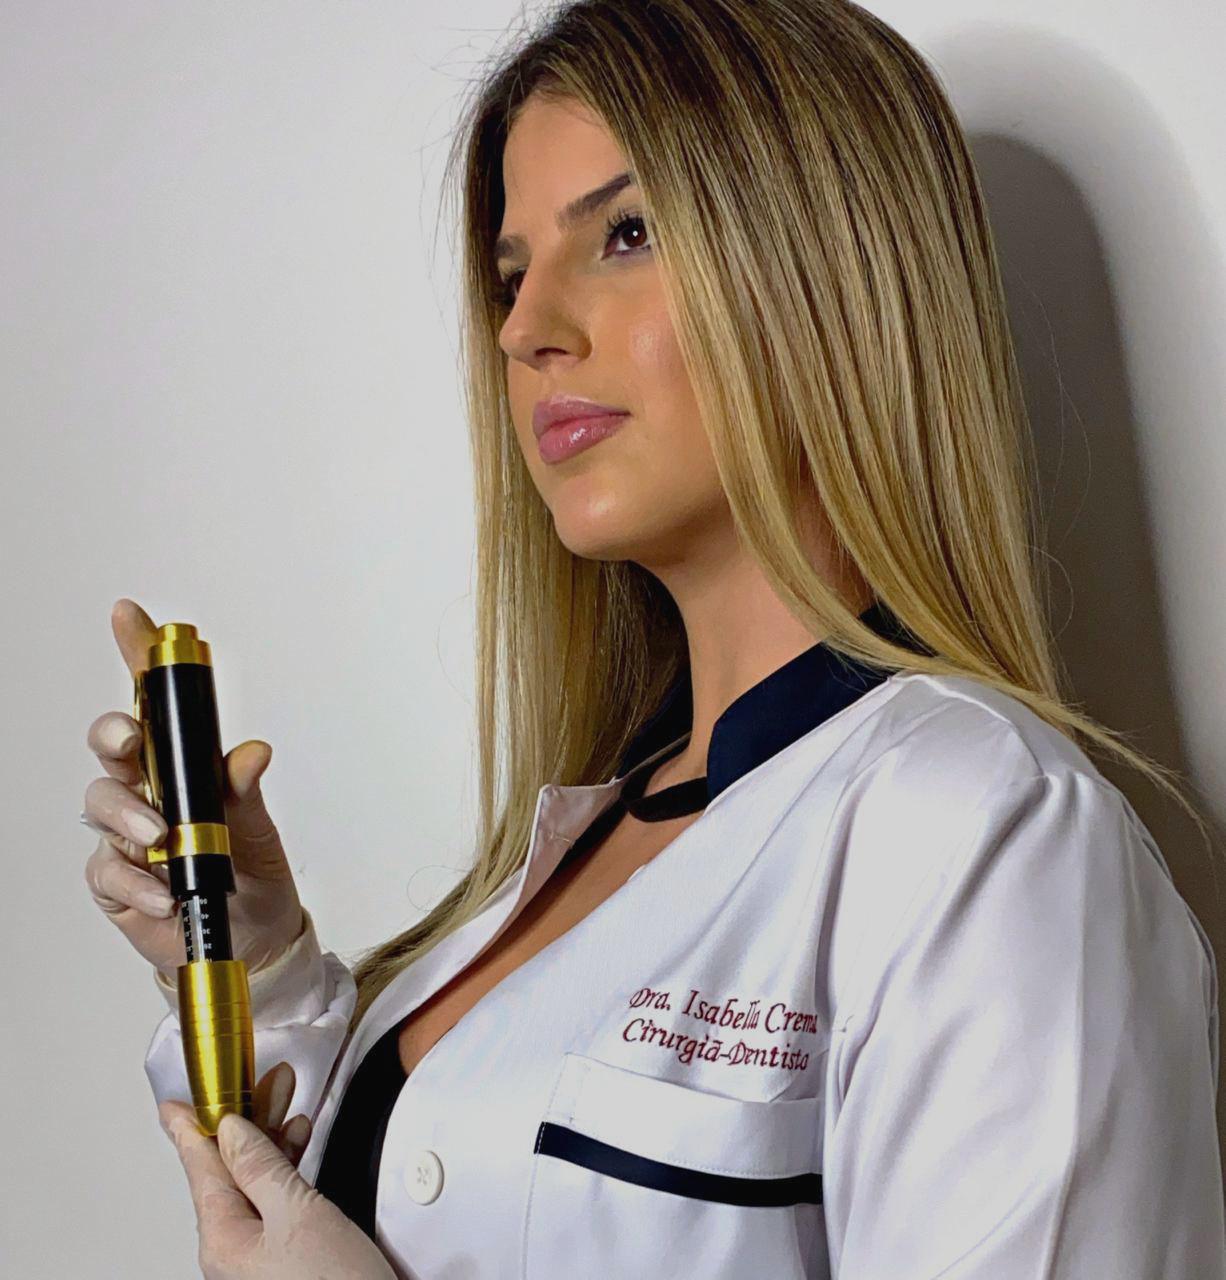 Dra. Isabella Crema